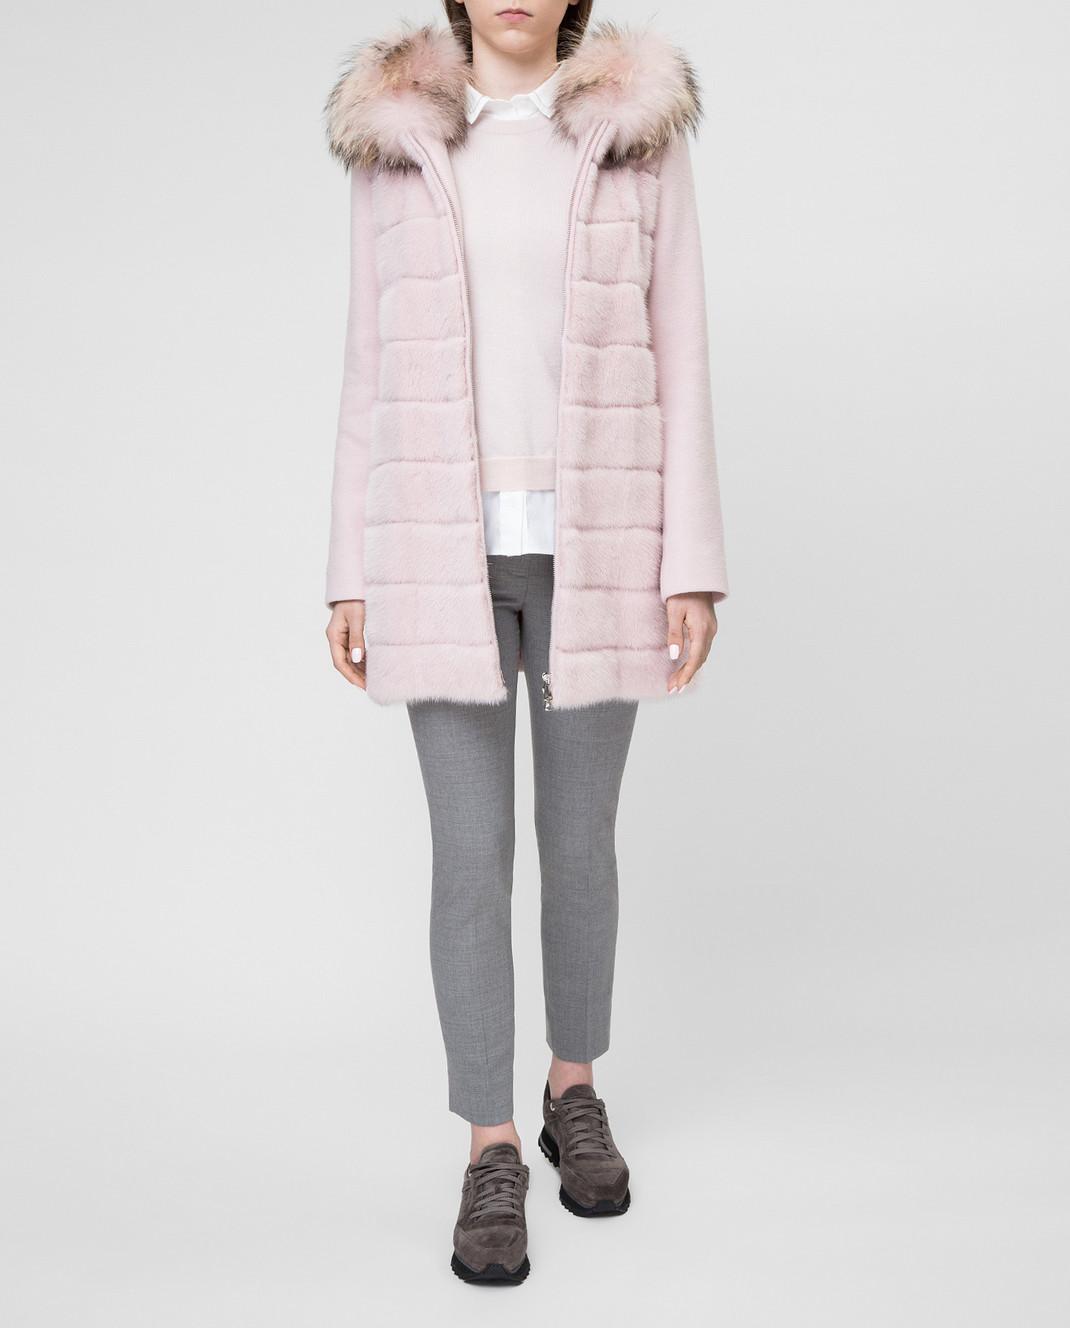 Real Furs House Розовое пальто с мехом енота 922RFH изображение 2